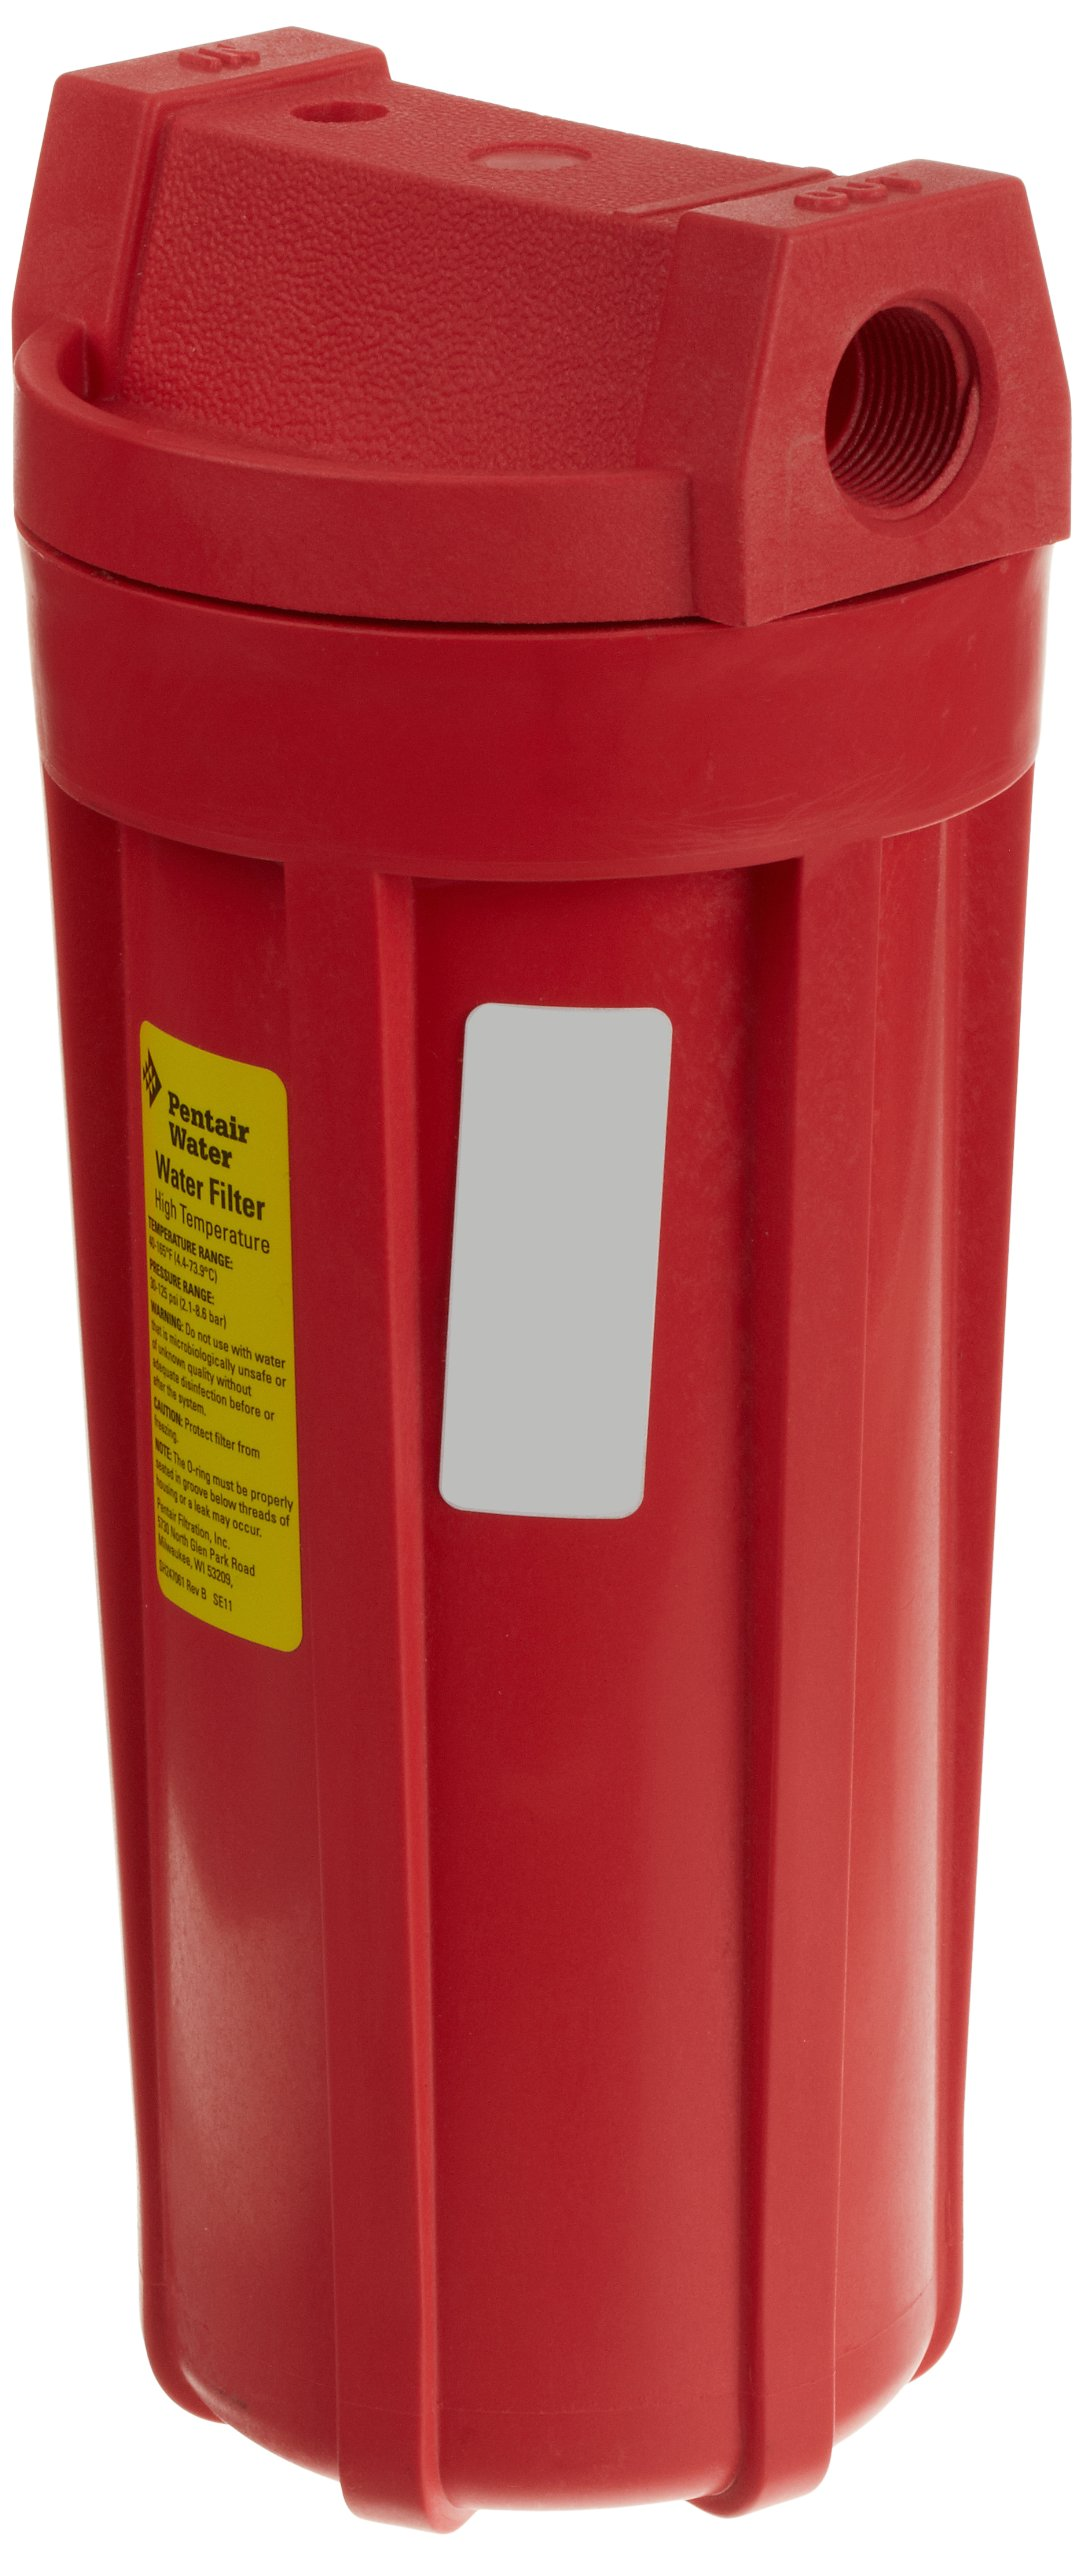 Pentek 150015 3/4'' #10 Standard High Temperature Red Filter Housing by Pentek